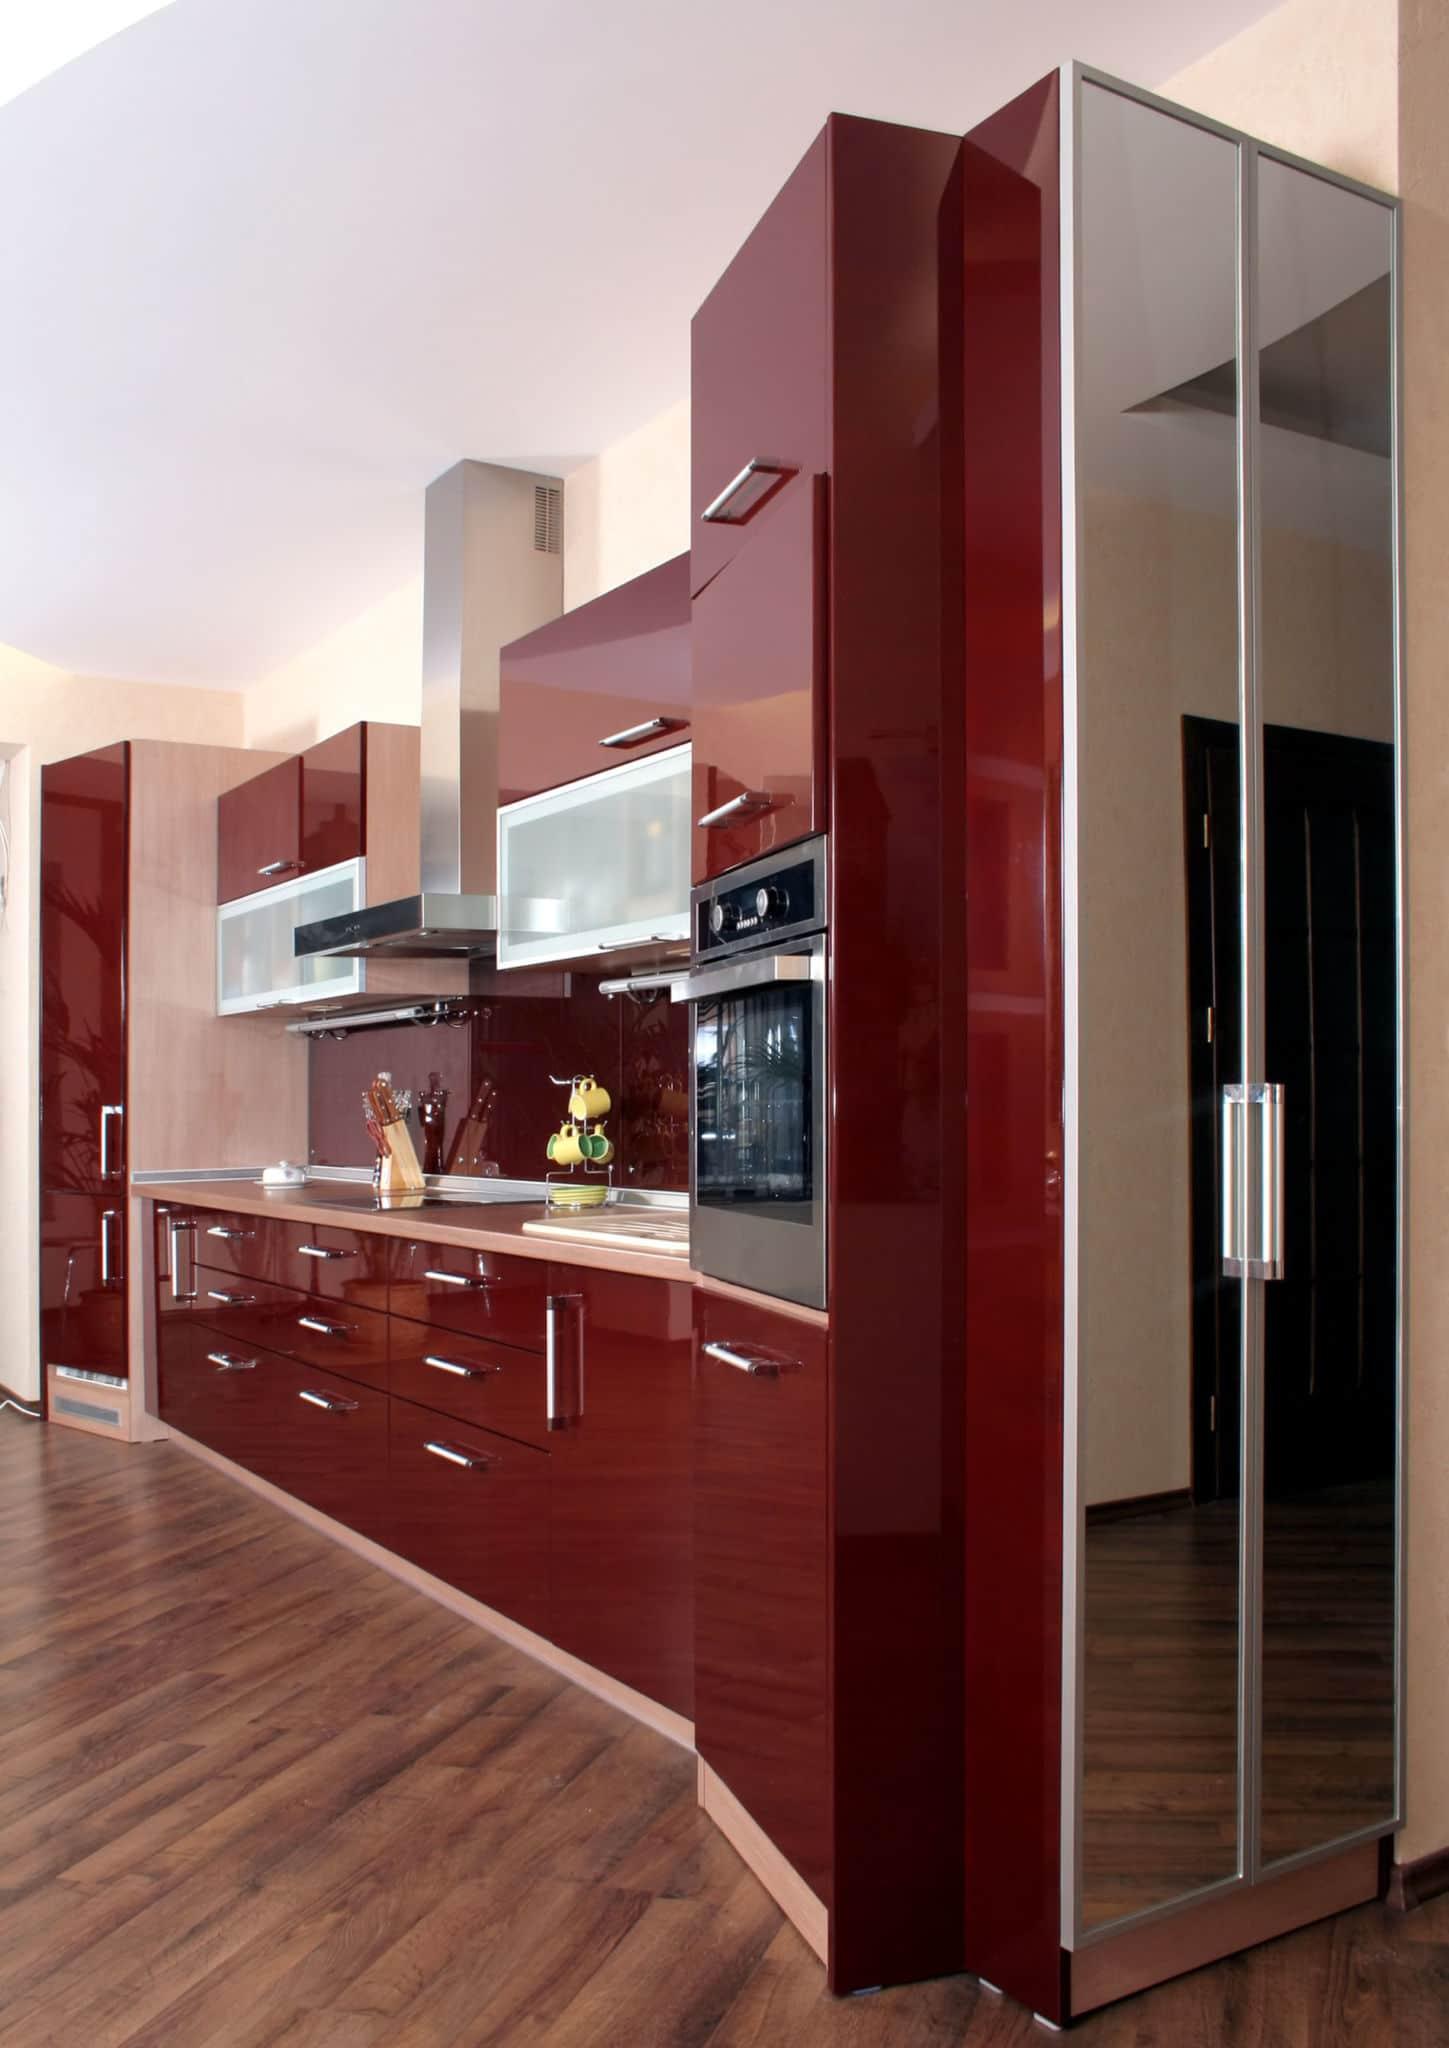 מטבח מודרני בצבע אדום - מטבח באיכות גבוהה